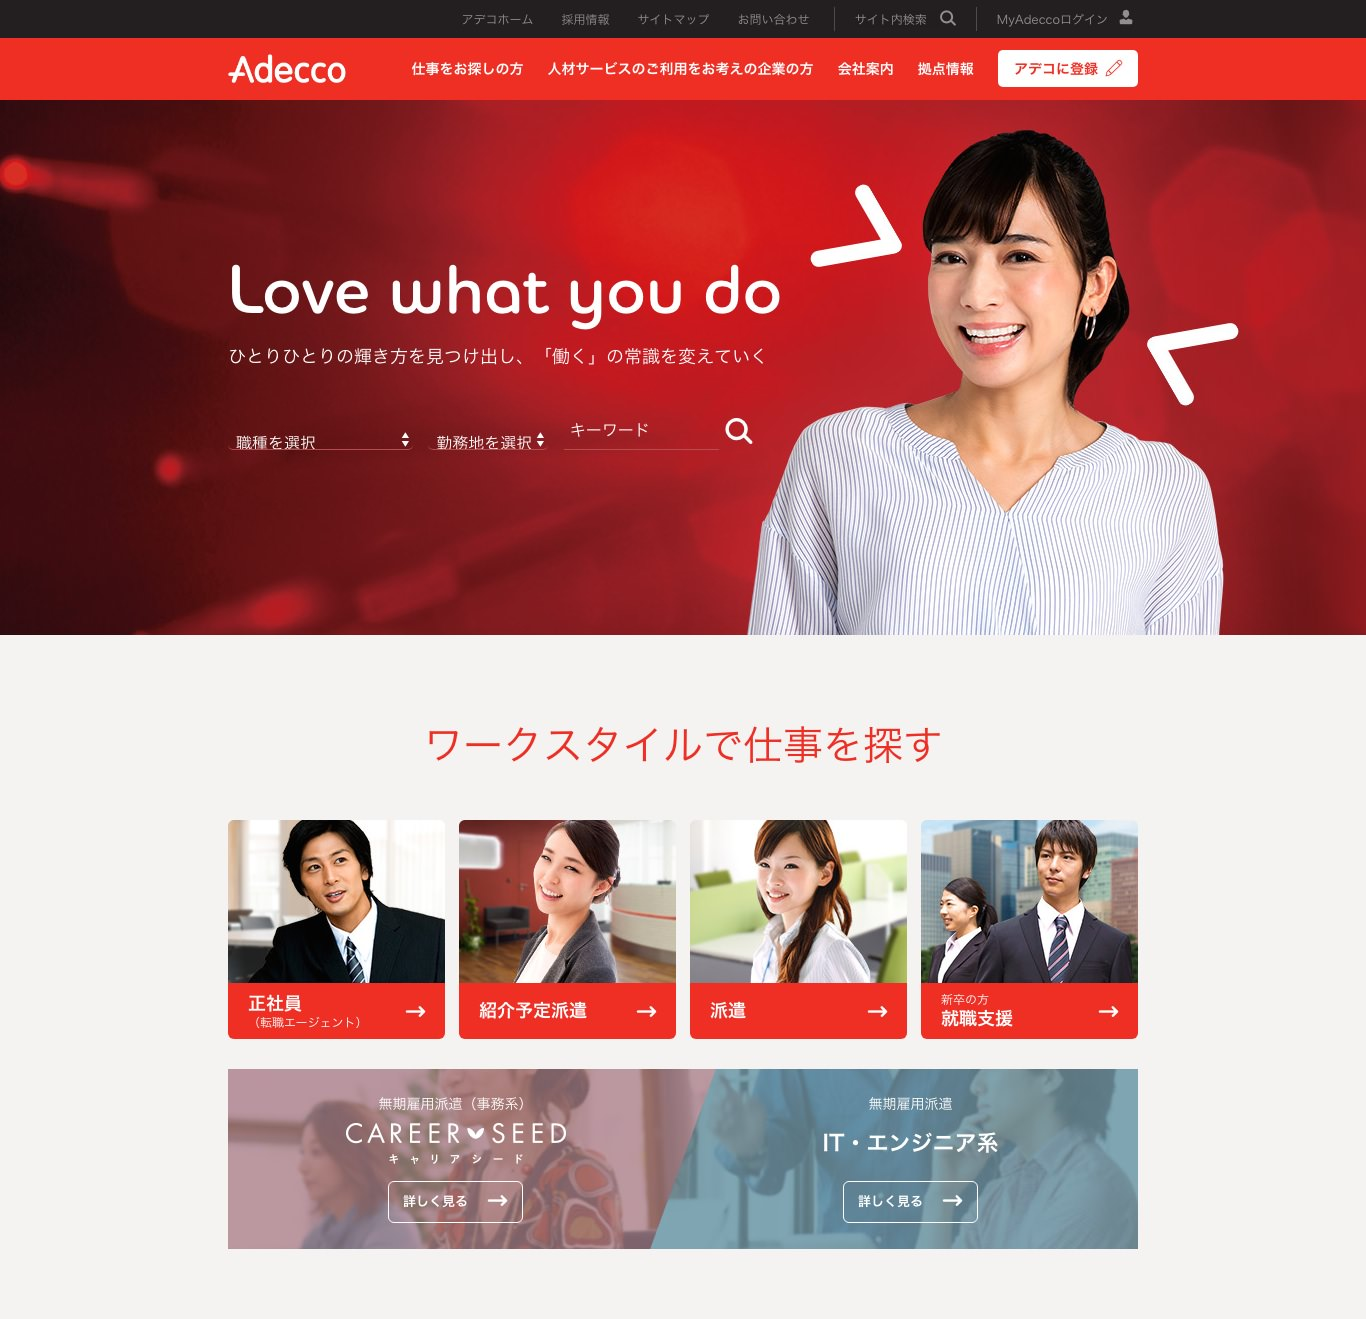 アデコ 株式 会社 評判